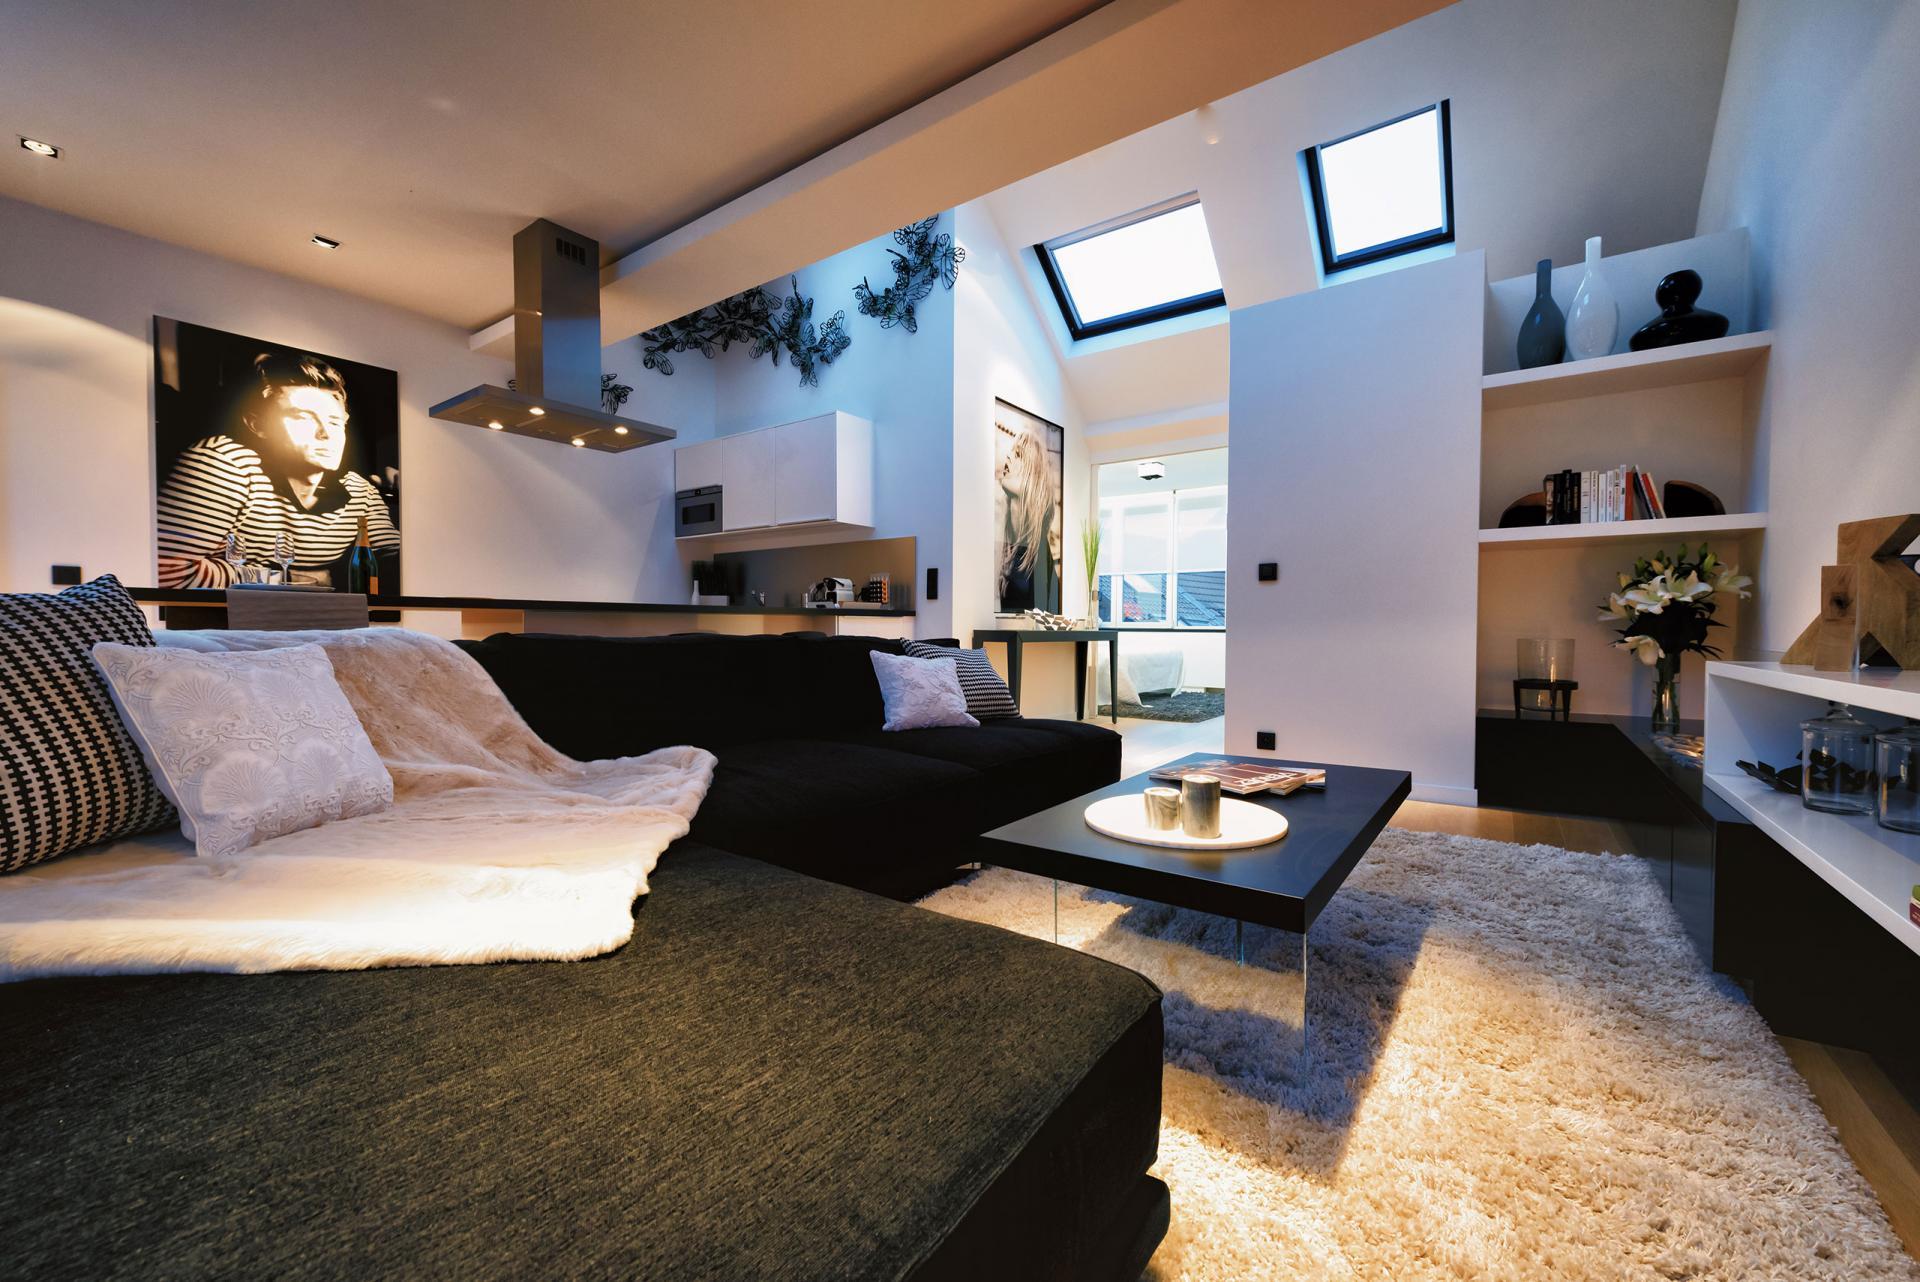 L sofa at Amazone Charles Apartments - Citybase Apartments